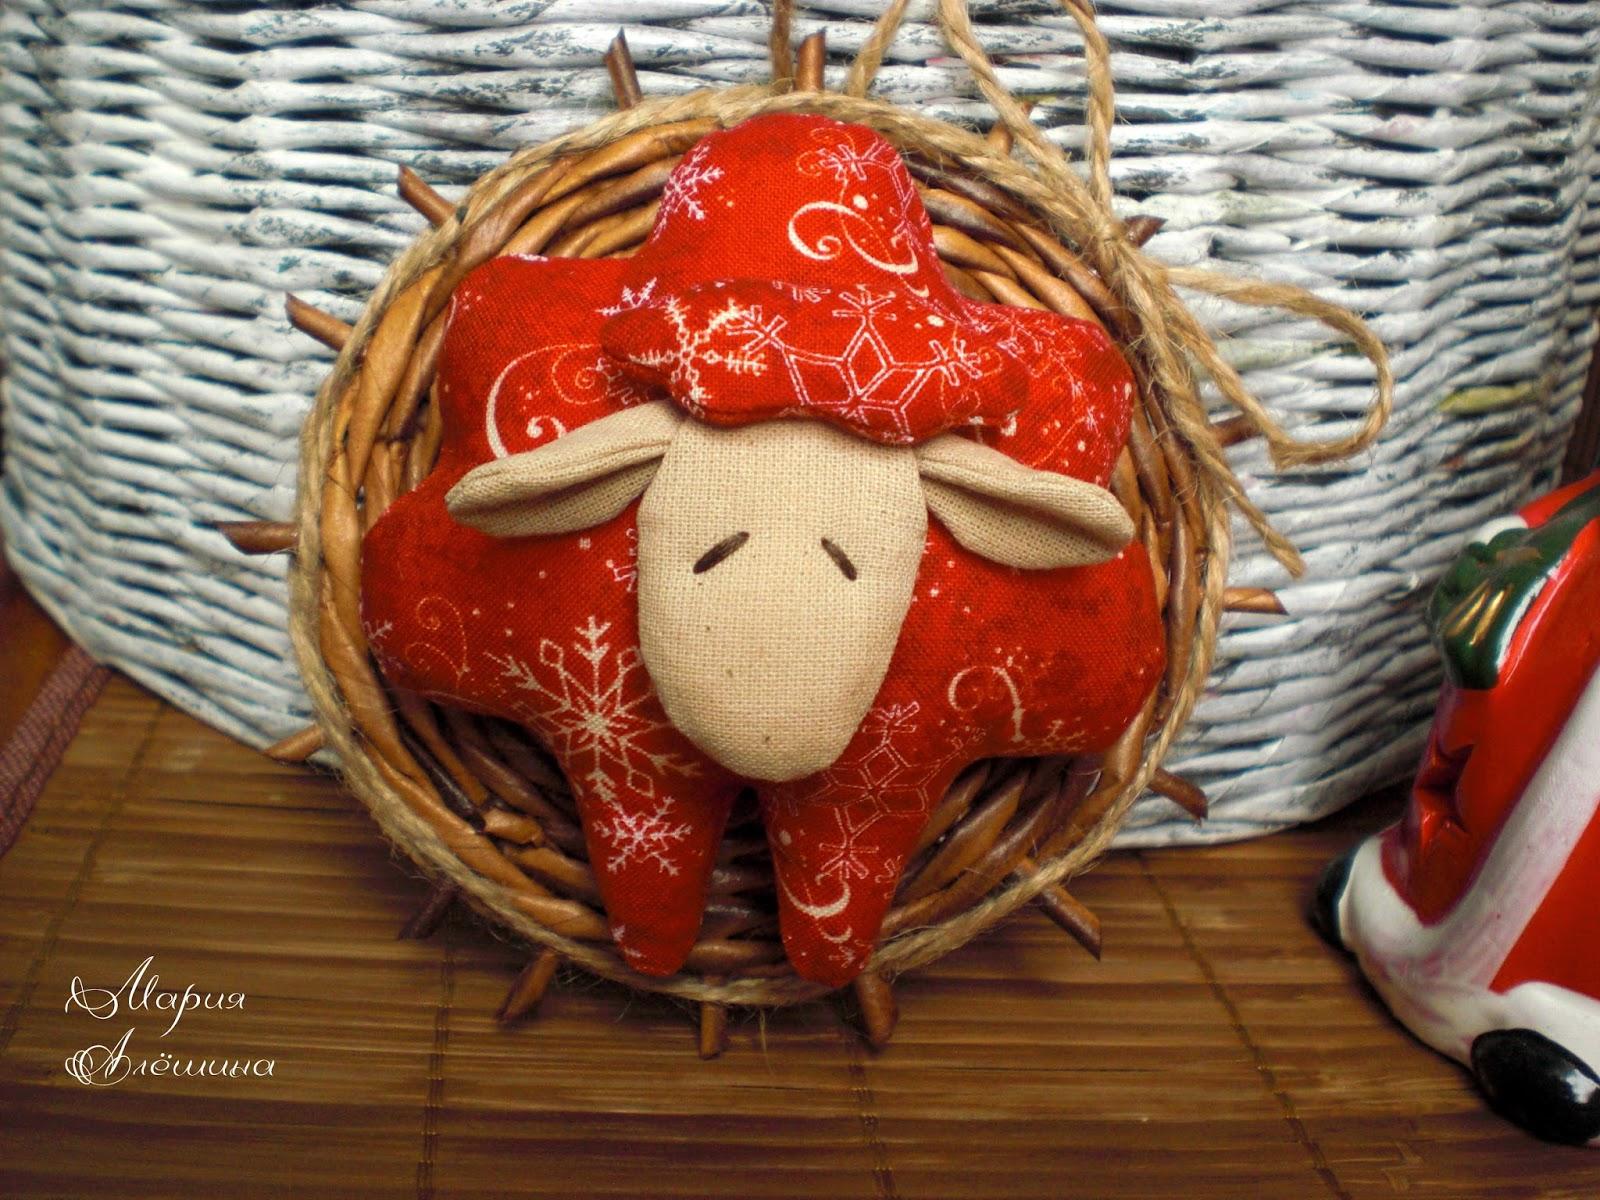 овечка, новогодняя игрушка, новогодний подарок